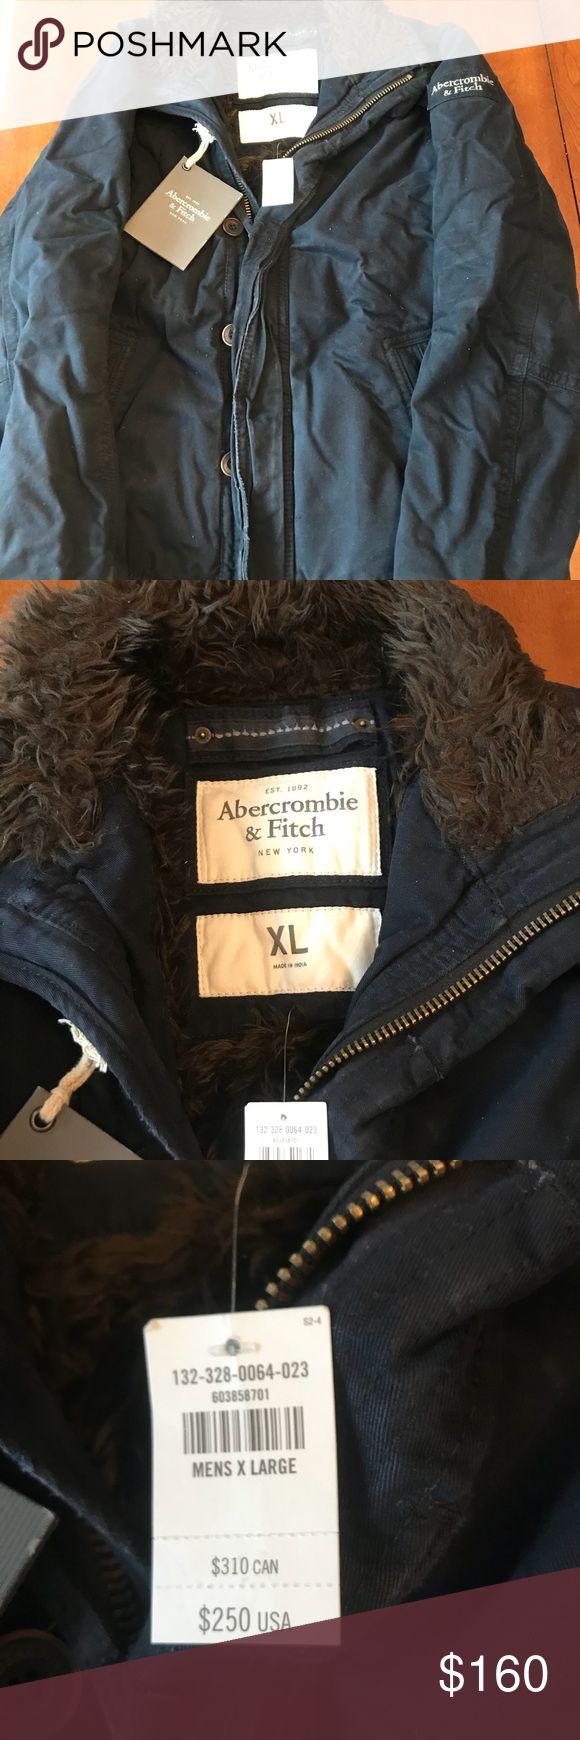 Abercrombie Men's Winter Coat NWT Abercrombie Men's Winter Coat NWT Abercrombie & Fitch Jackets & Coats